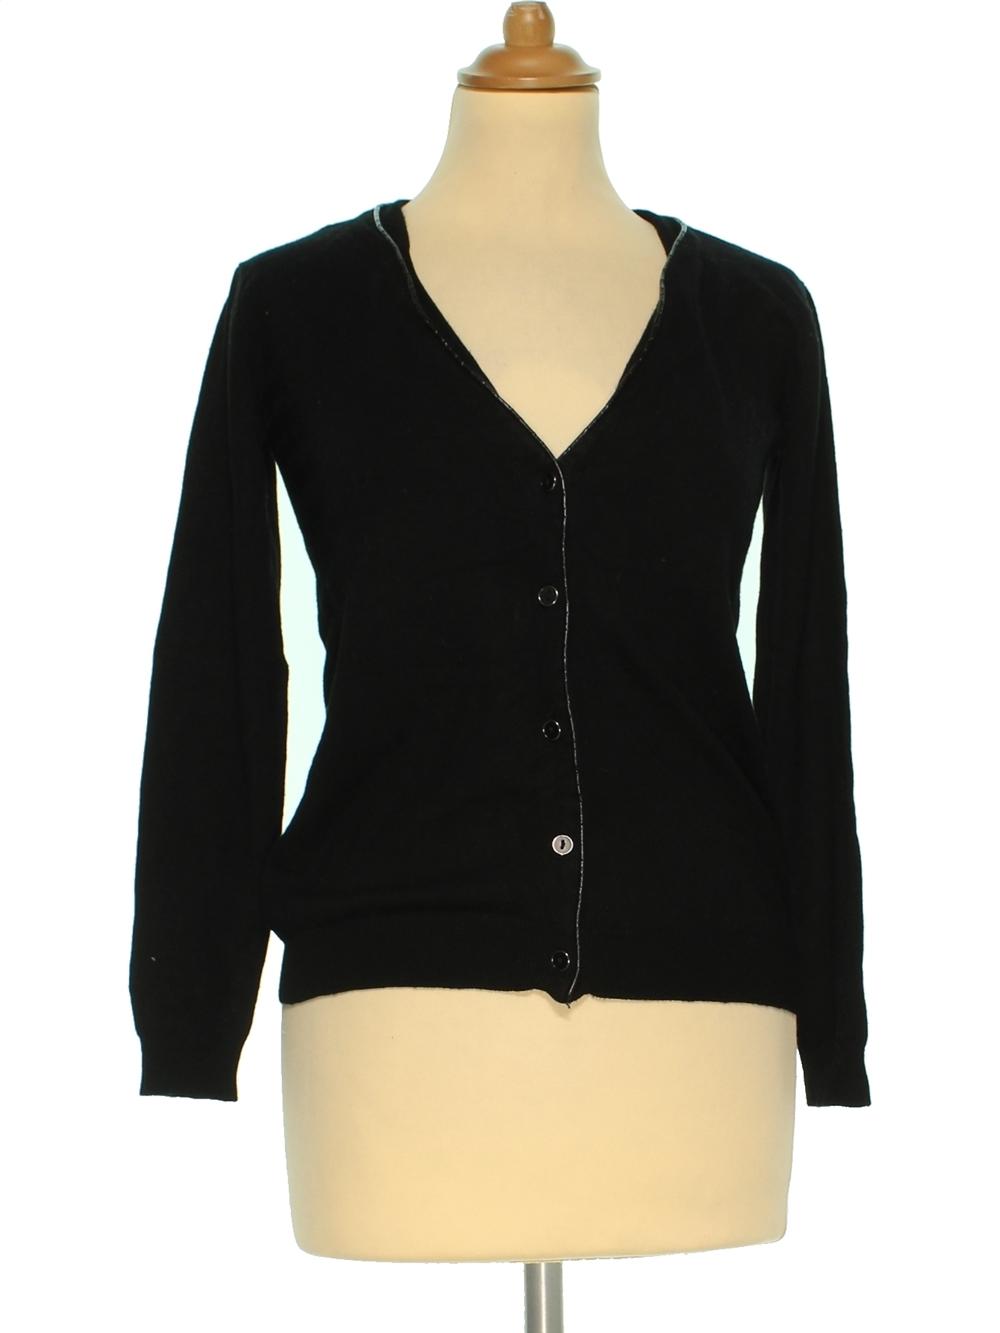 acheter bien grand Prix boutique pour officiel Gilet Femme NAF NAF XS pas cher, 14.99 € - #1123820